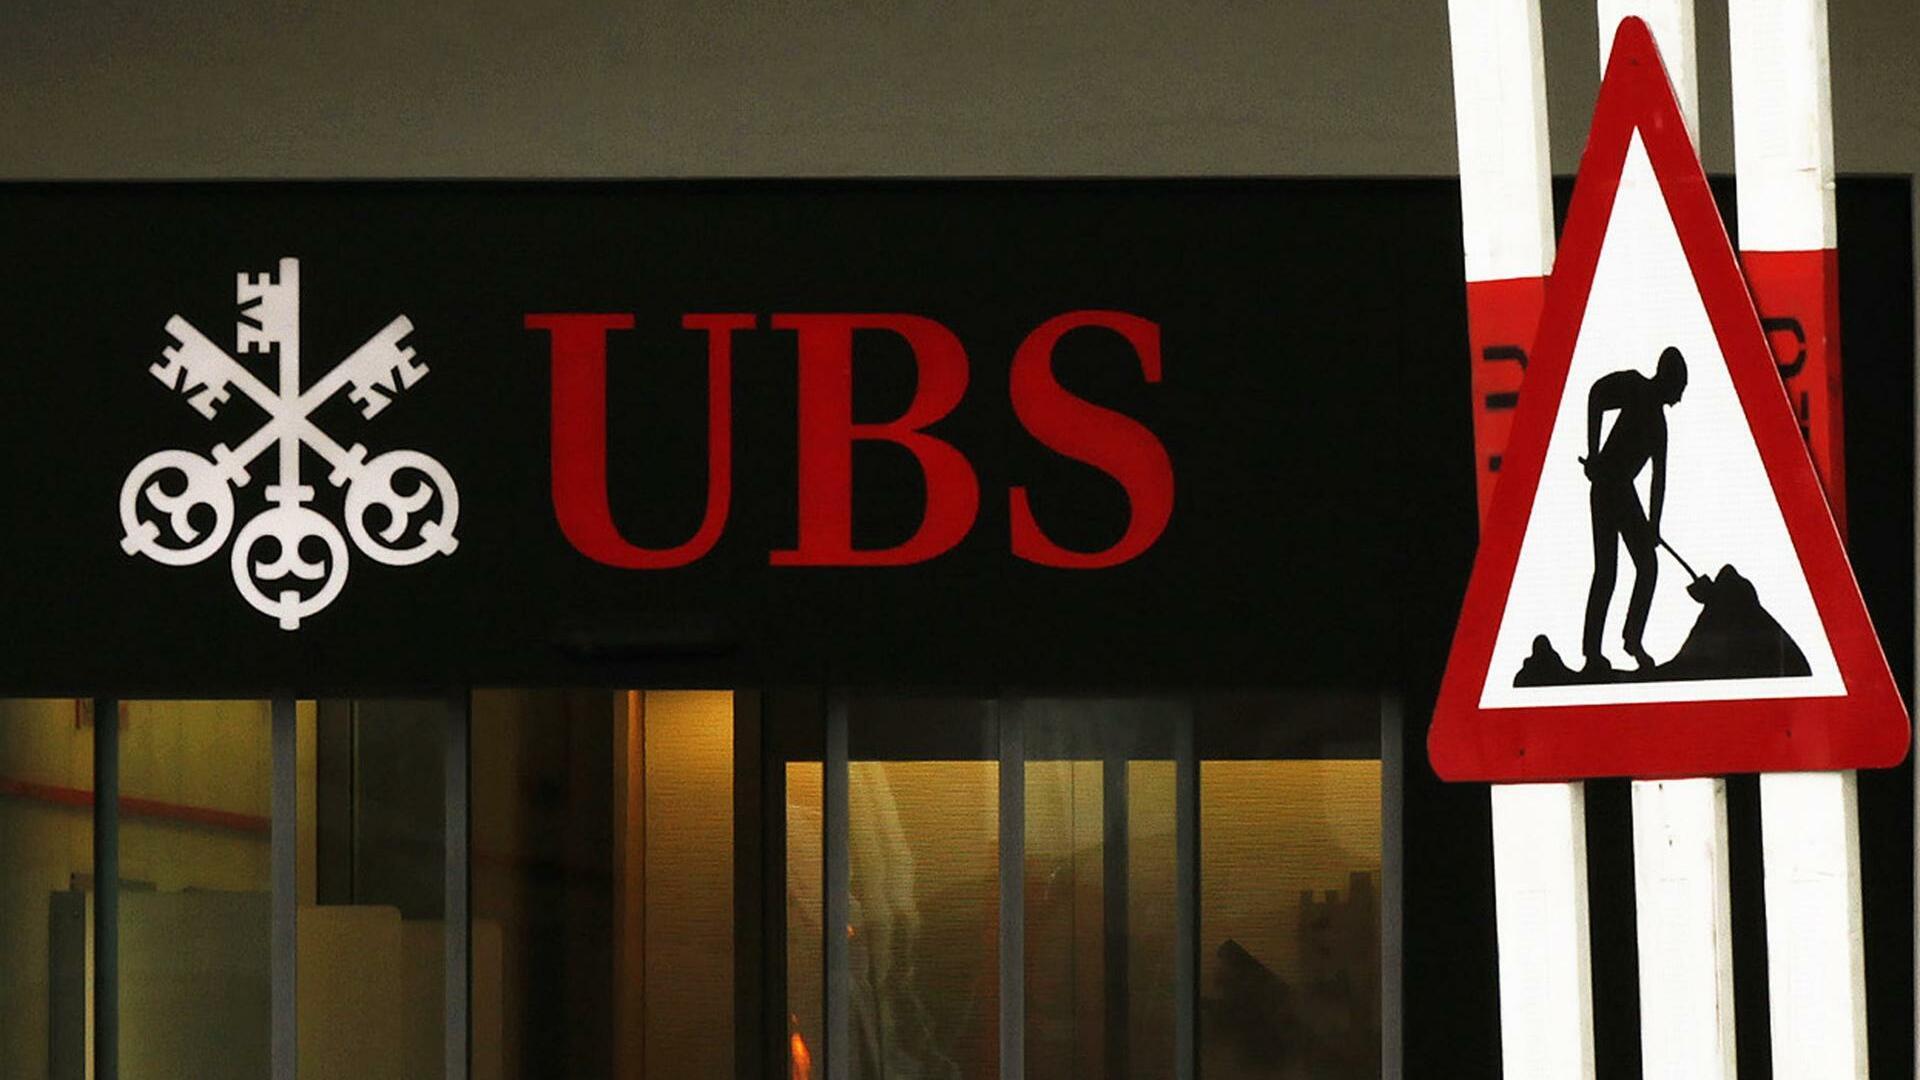 Versäumnisse: UBS erneut zu Bußzahlung verdonnert